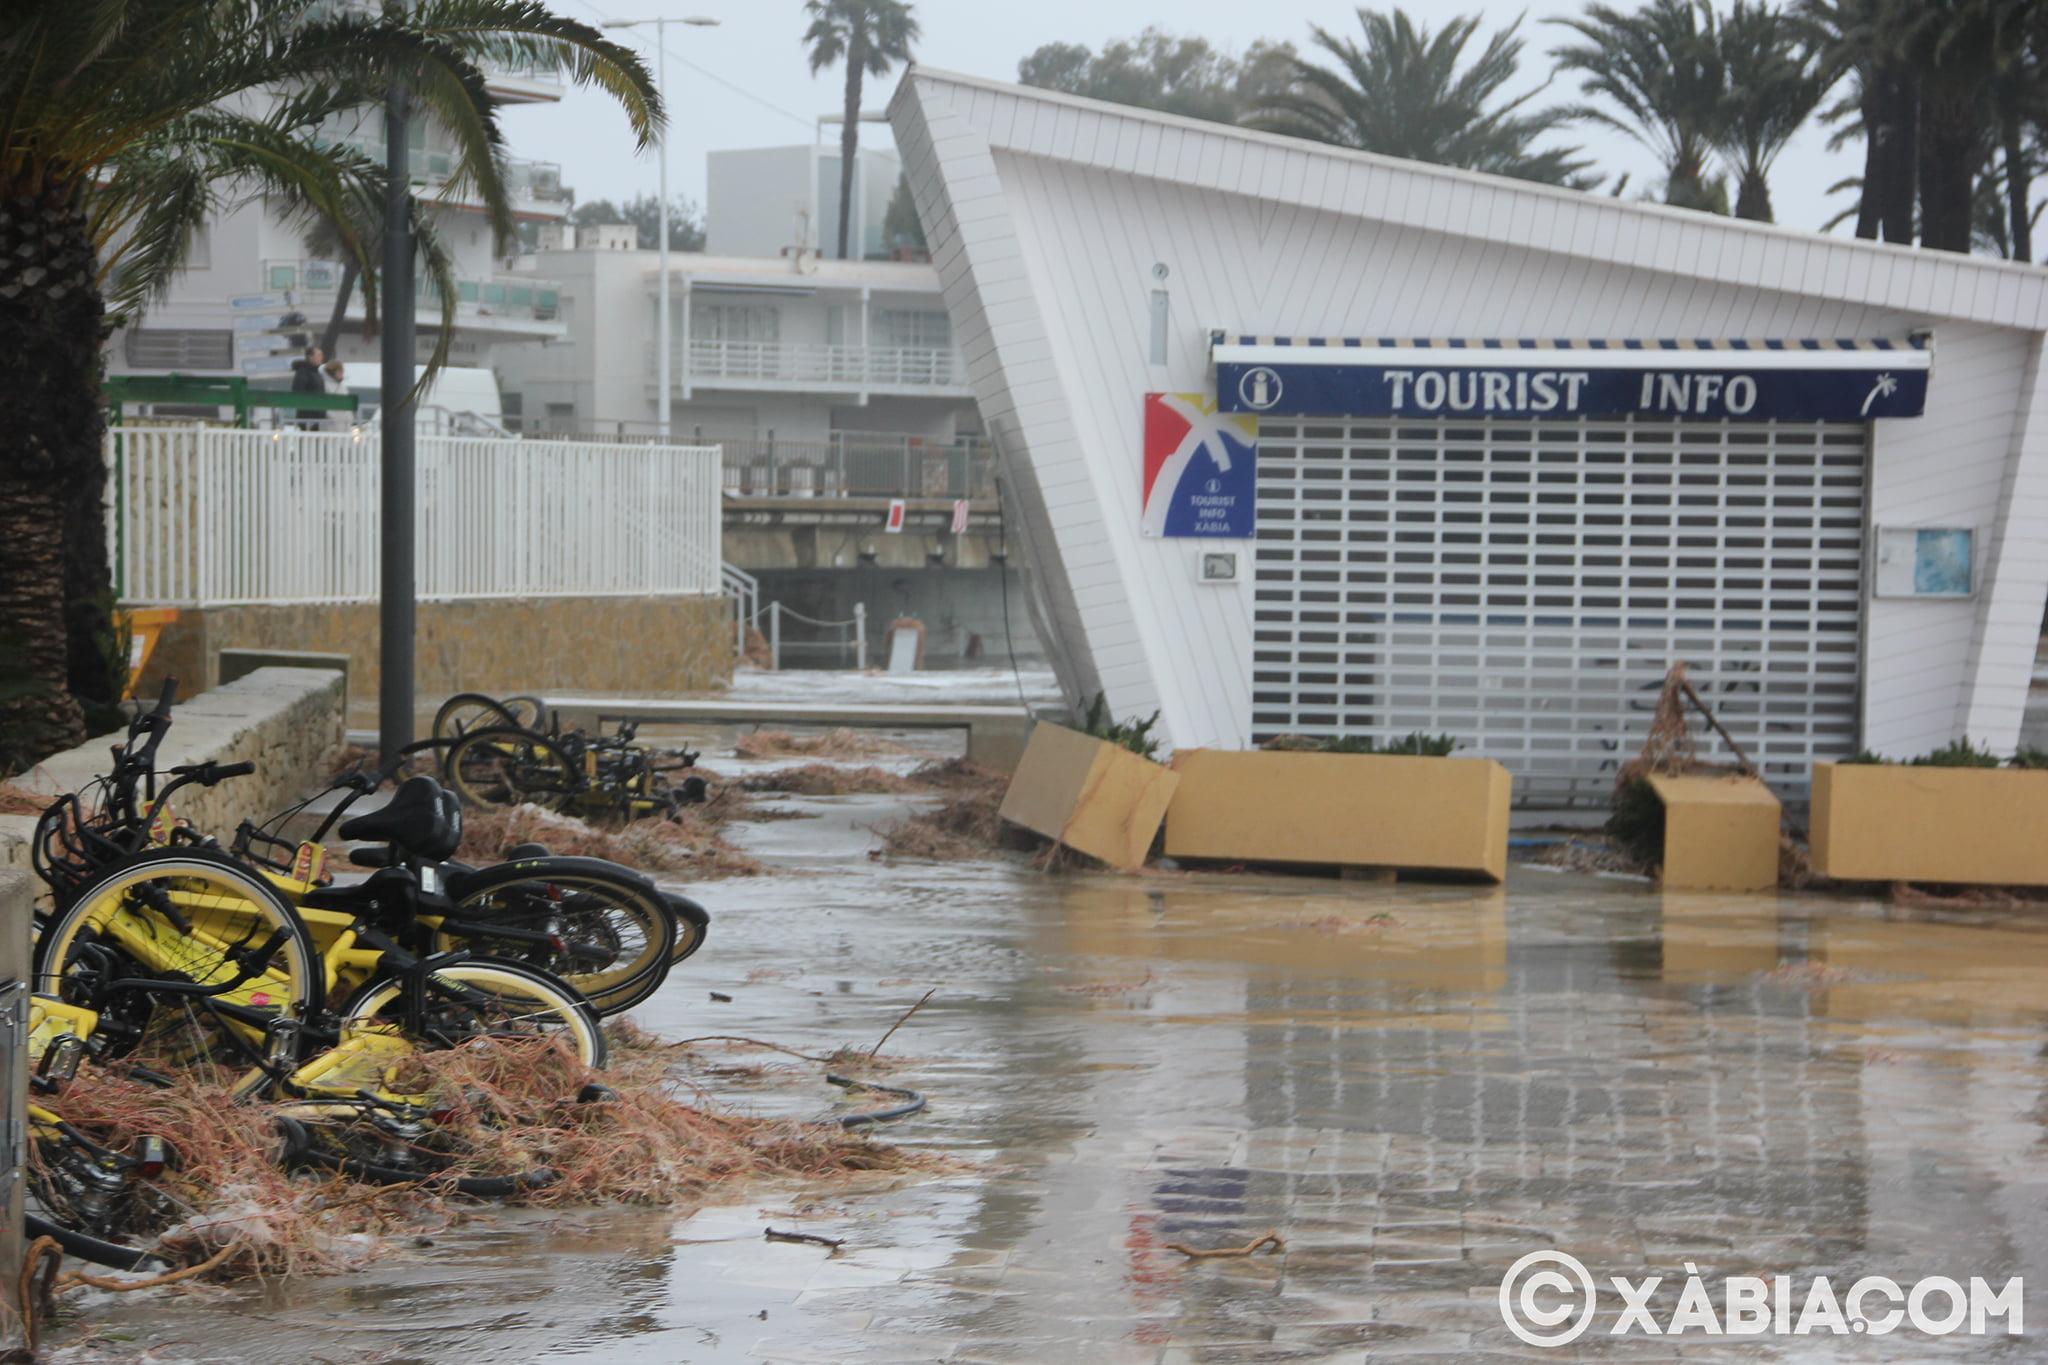 Brandelli di pioggia, vento e mare in Xàbia (34)